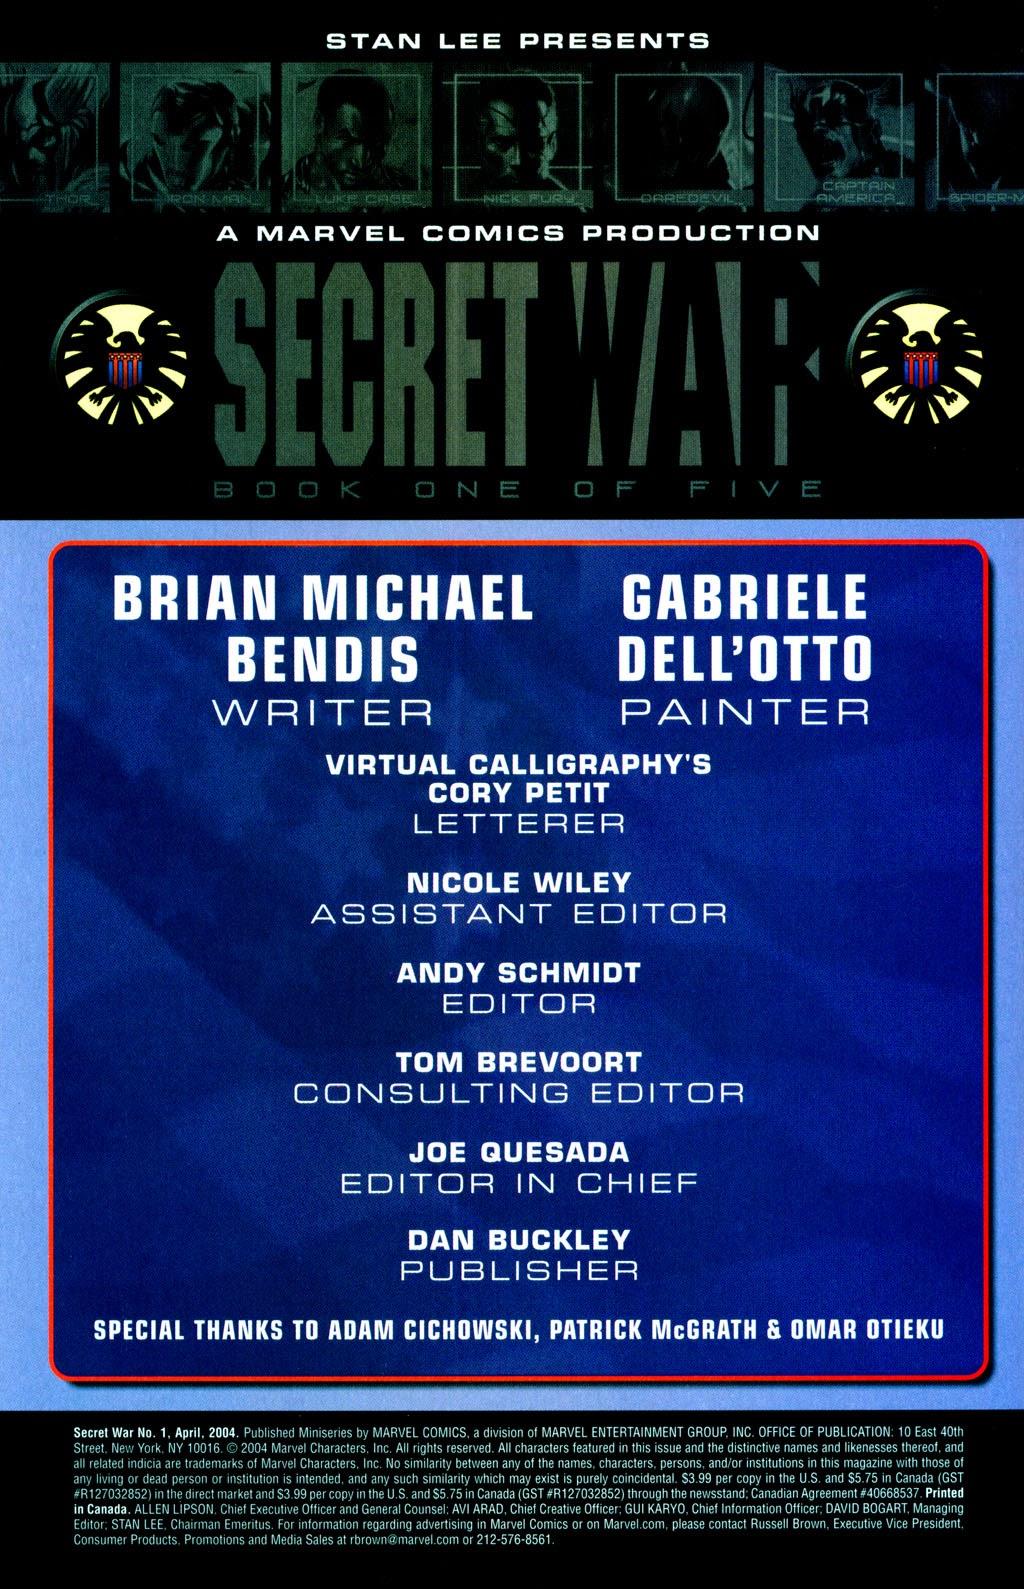 Read online Secret War comic -  Issue #1 - 5